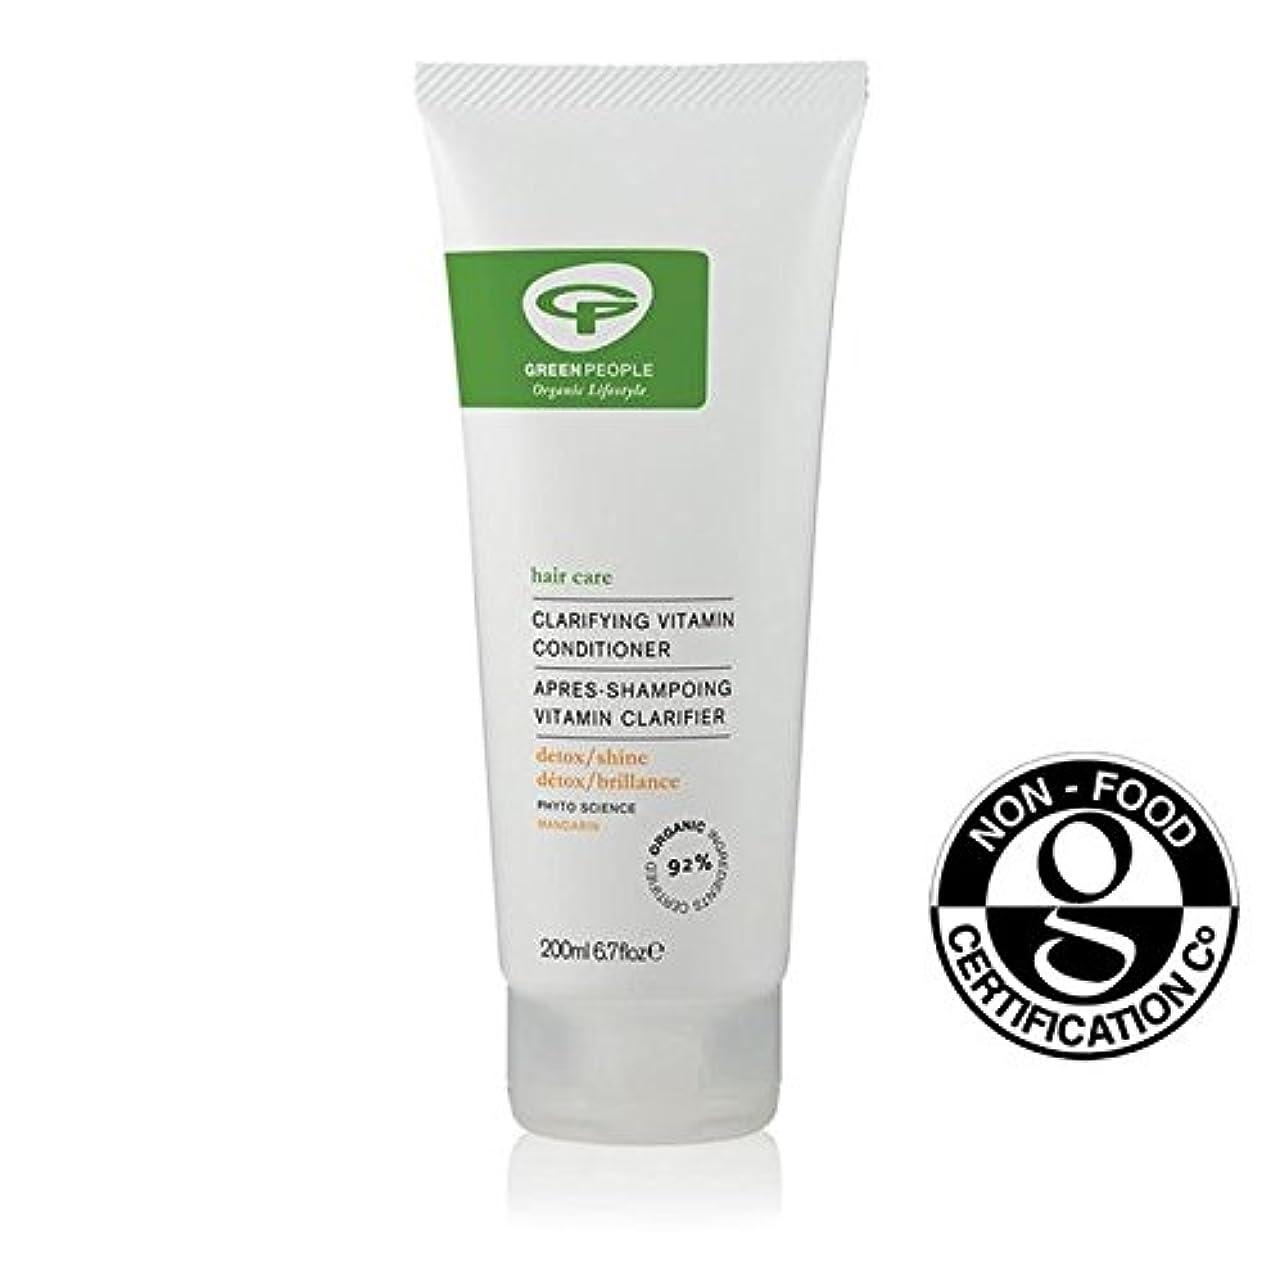 散るサンプル酸っぱい緑の人々の有機明確ビタミンコンディショナー200 x4 - Green People Organic Clarifying Vitamin Conditioner 200ml (Pack of 4) [並行輸入品]